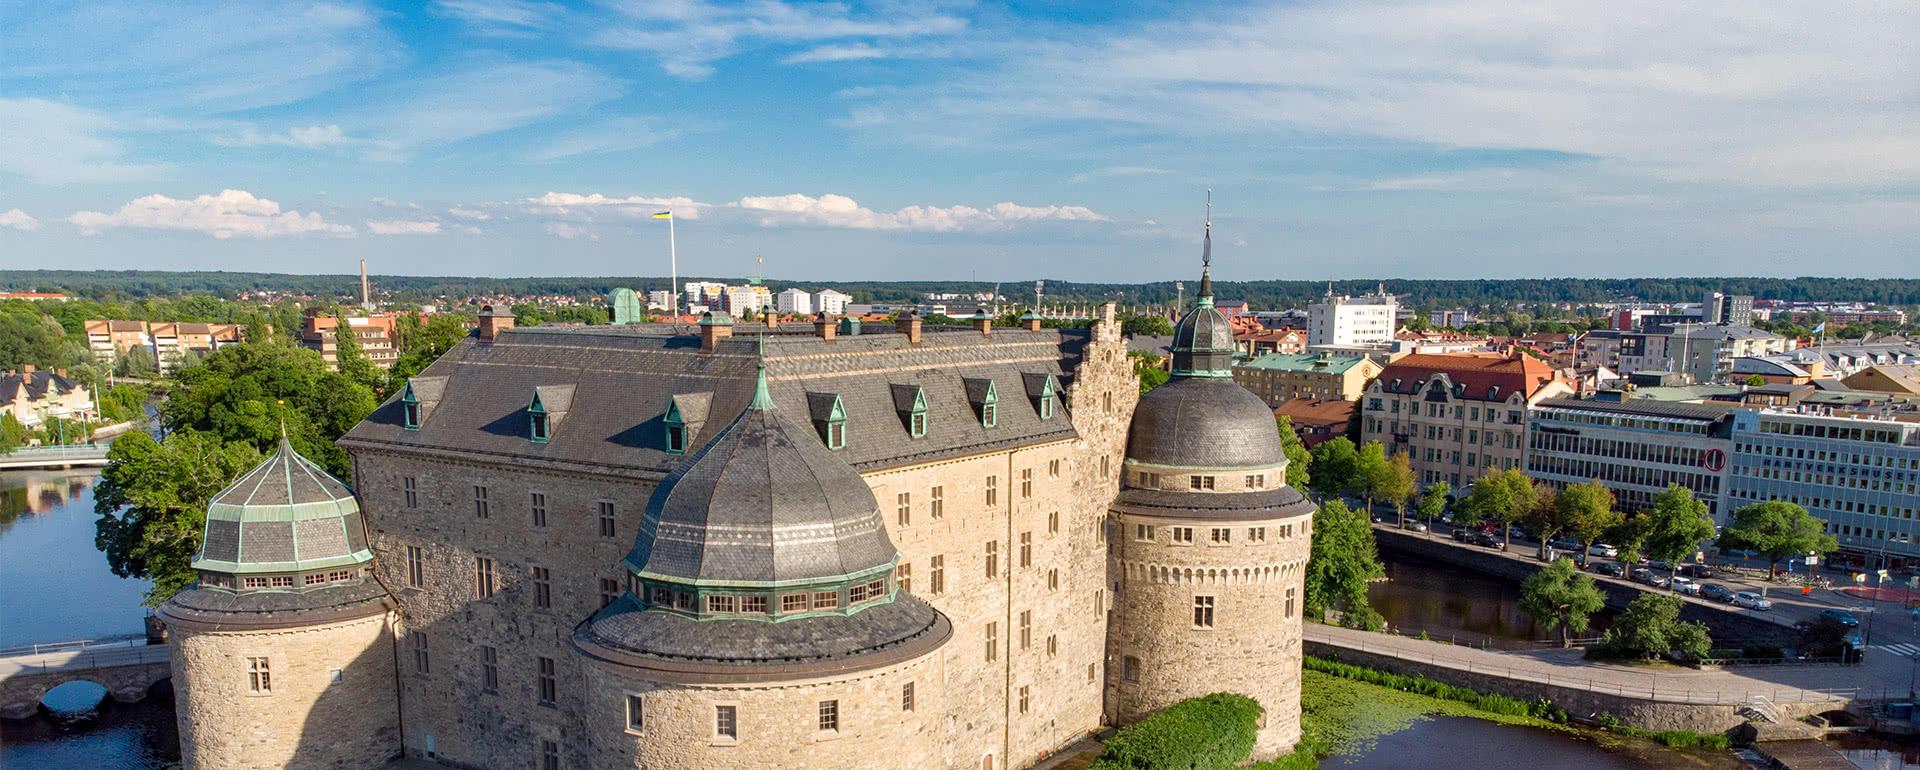 Titelbild von Örebro